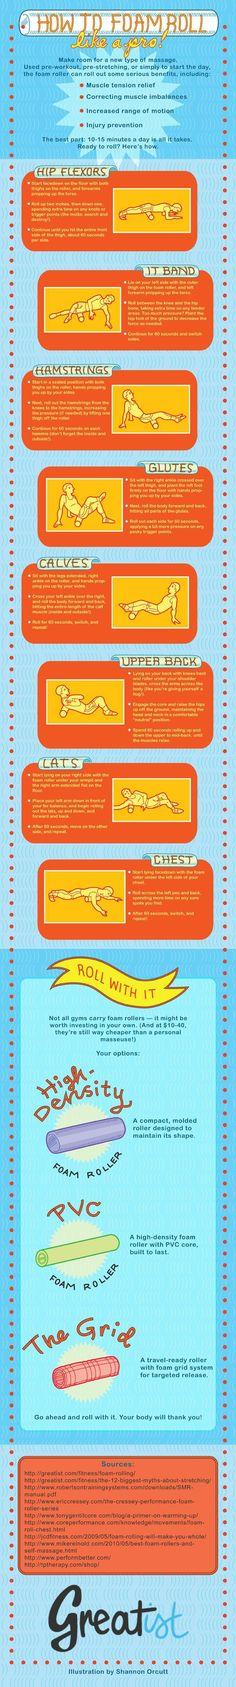 How to foam roll like a pro